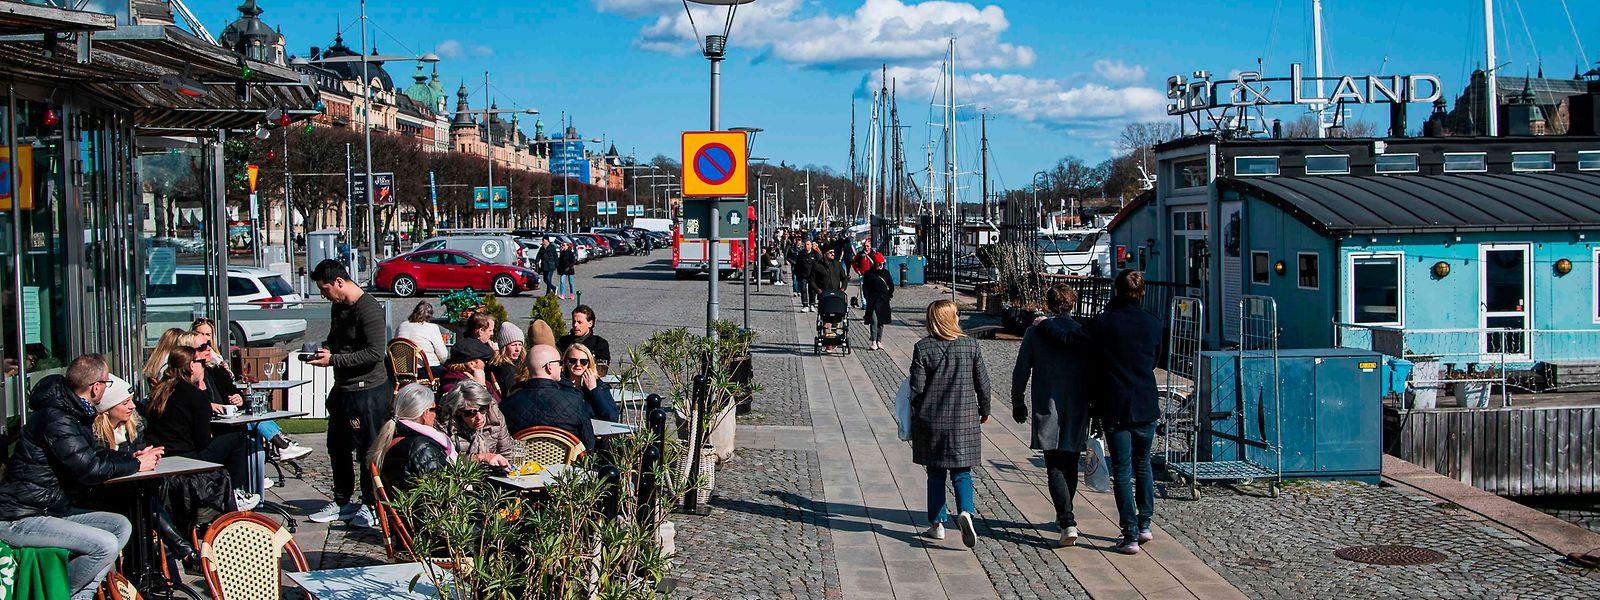 Der schwedische Sonderweg: Während die Nachbarländer das öffentliche Leben herunterfuhren, blieb - wie hier in Stcokholm - in Schweden mehr oder weniger alles beim alten.